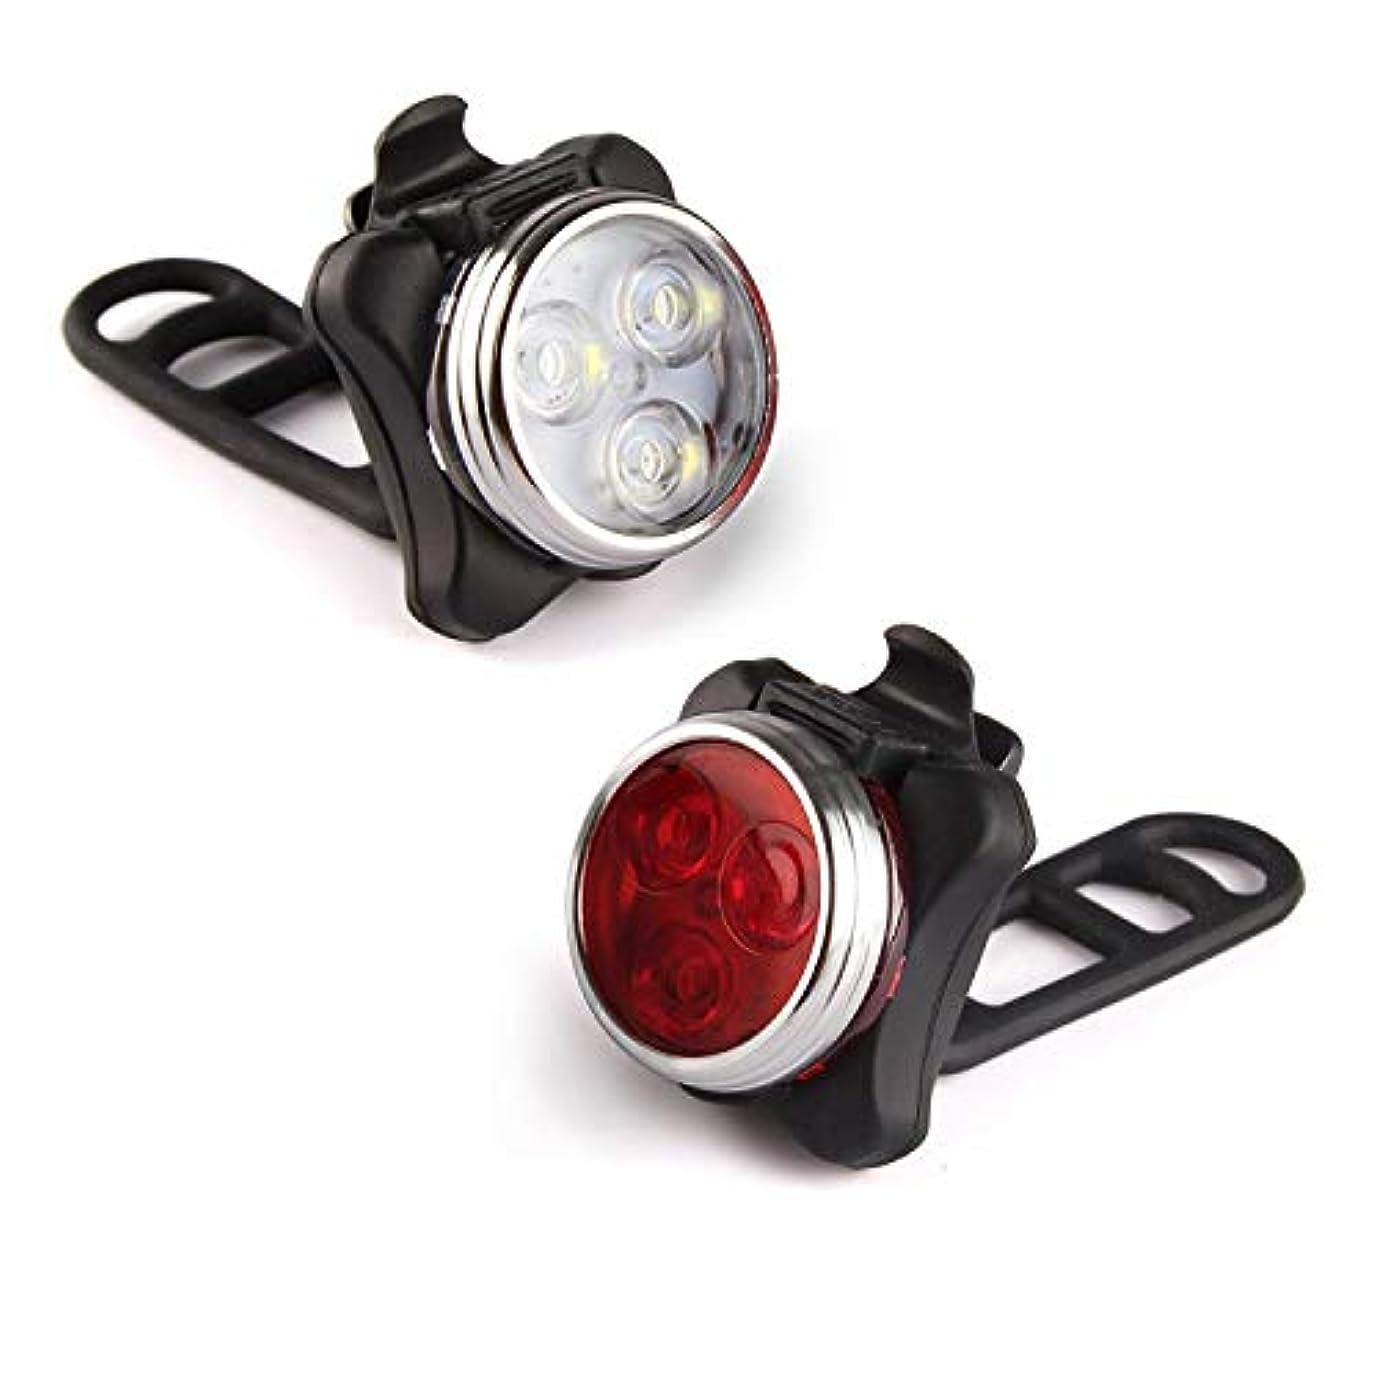 伝説ダイバー予防接種USB充電式LED自転車ライトセット - スーパーブライトヘッドライトテールライトコンビネーションLED自転車ライトセット(650mahリチウム電池、4ライトモードオプション、2 USBケーブル)